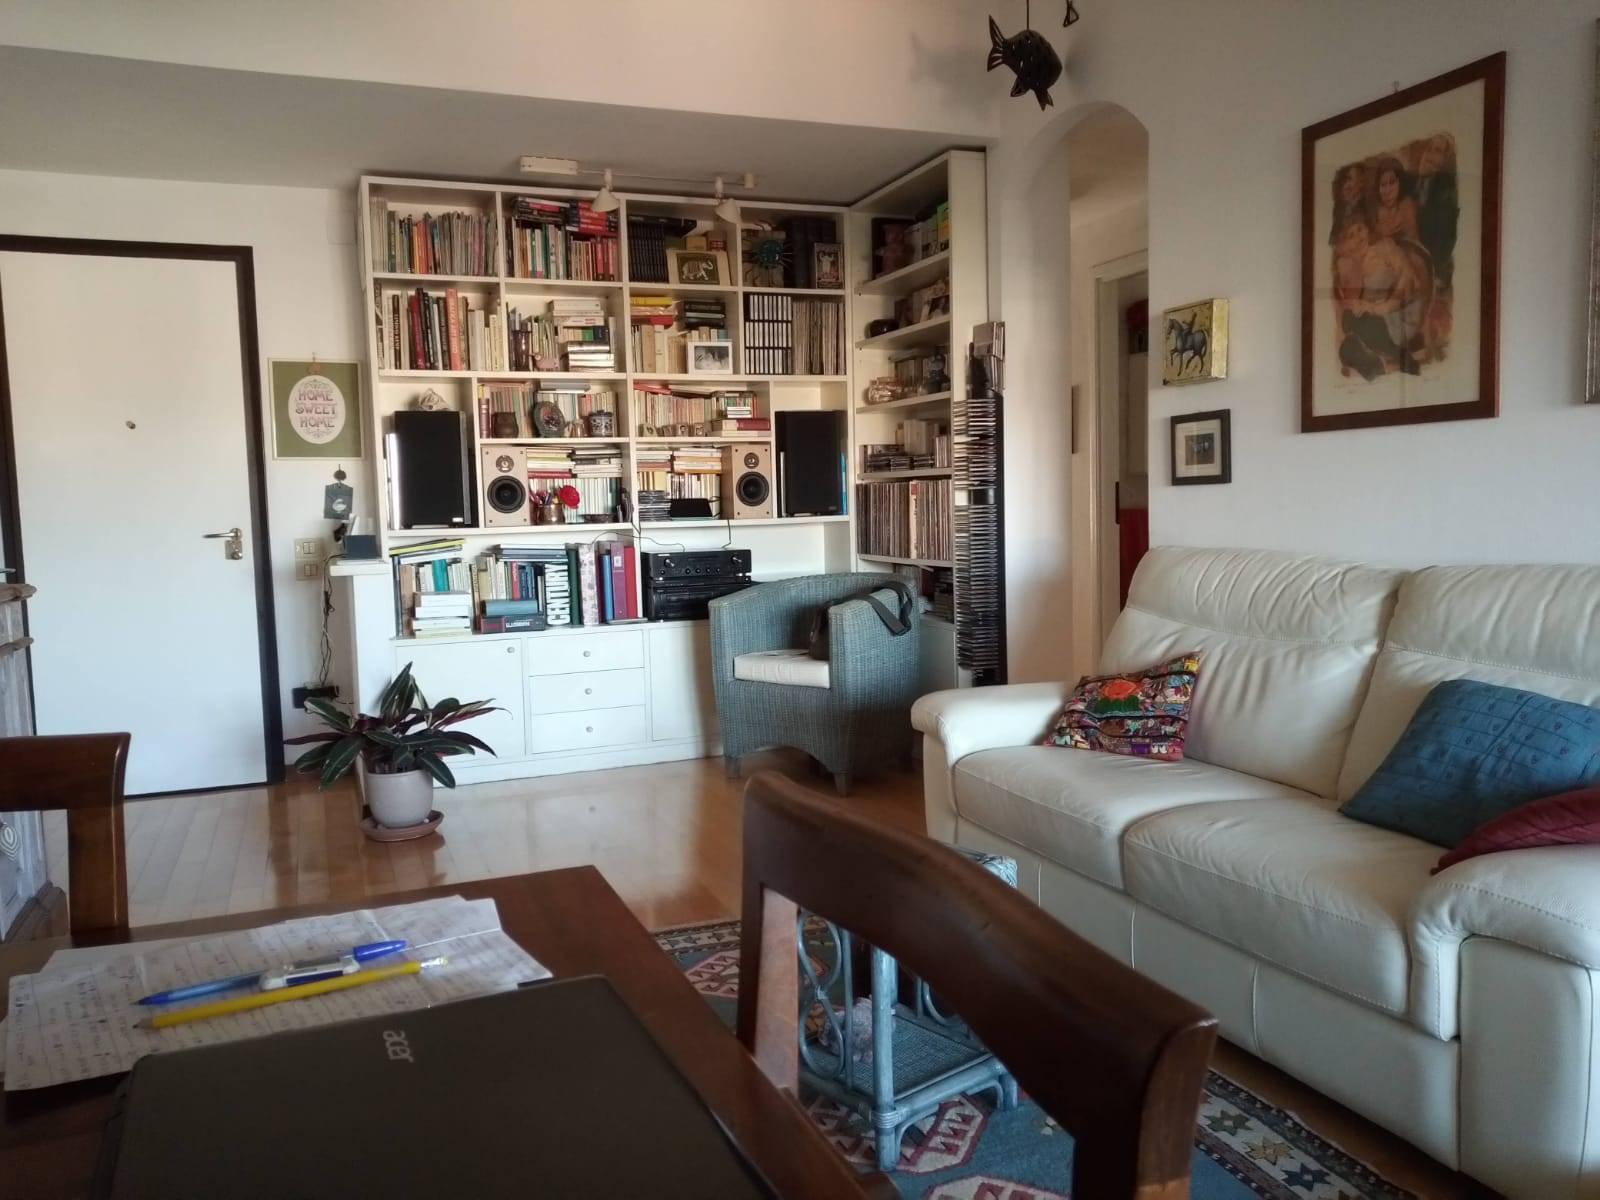 Appartamento VIAREGGIO vendita  Marco Polo Don Bosco  Studio Immobiliare Sarah Del Carlo